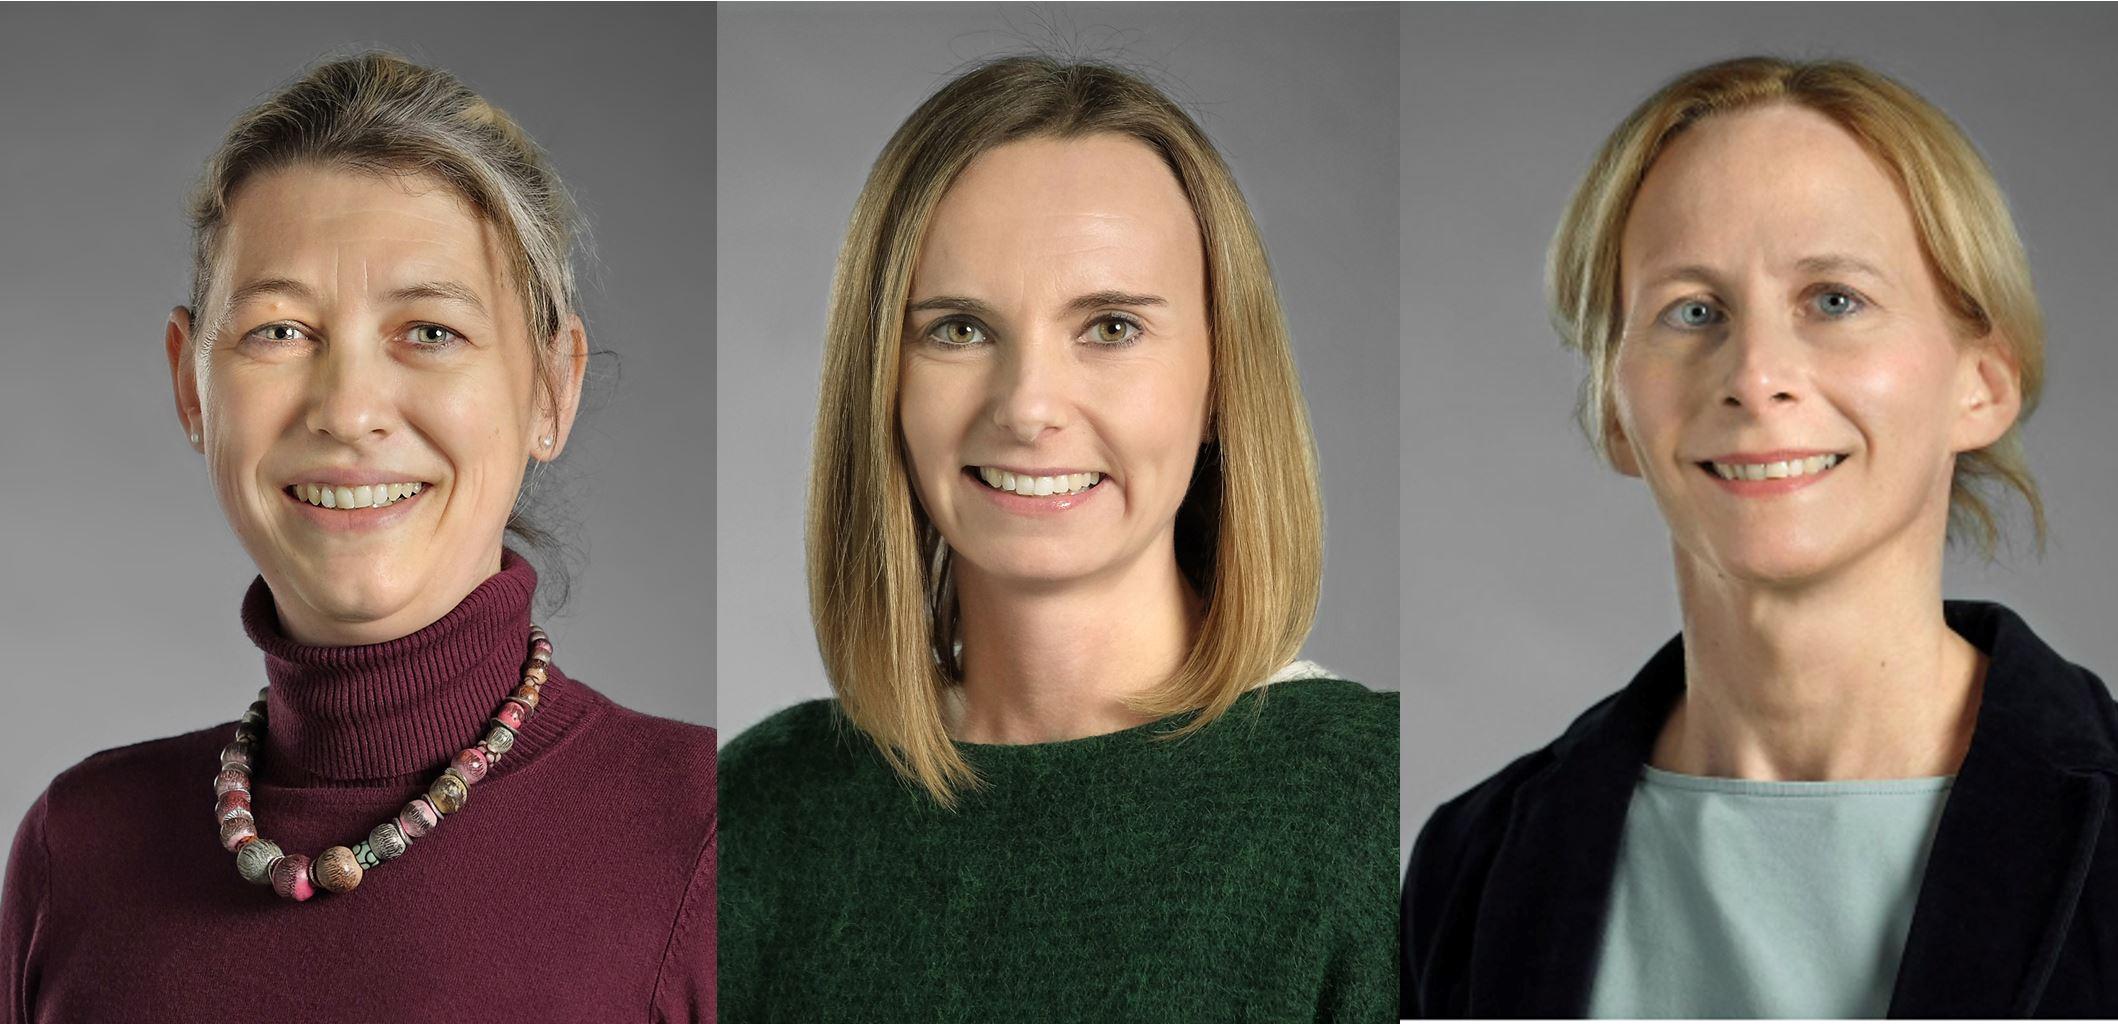 Dr. Astrid Krummenauer-Grasser, Dr. Agnes Jiresch-Stechele, Dr. Karoline Hillesheim